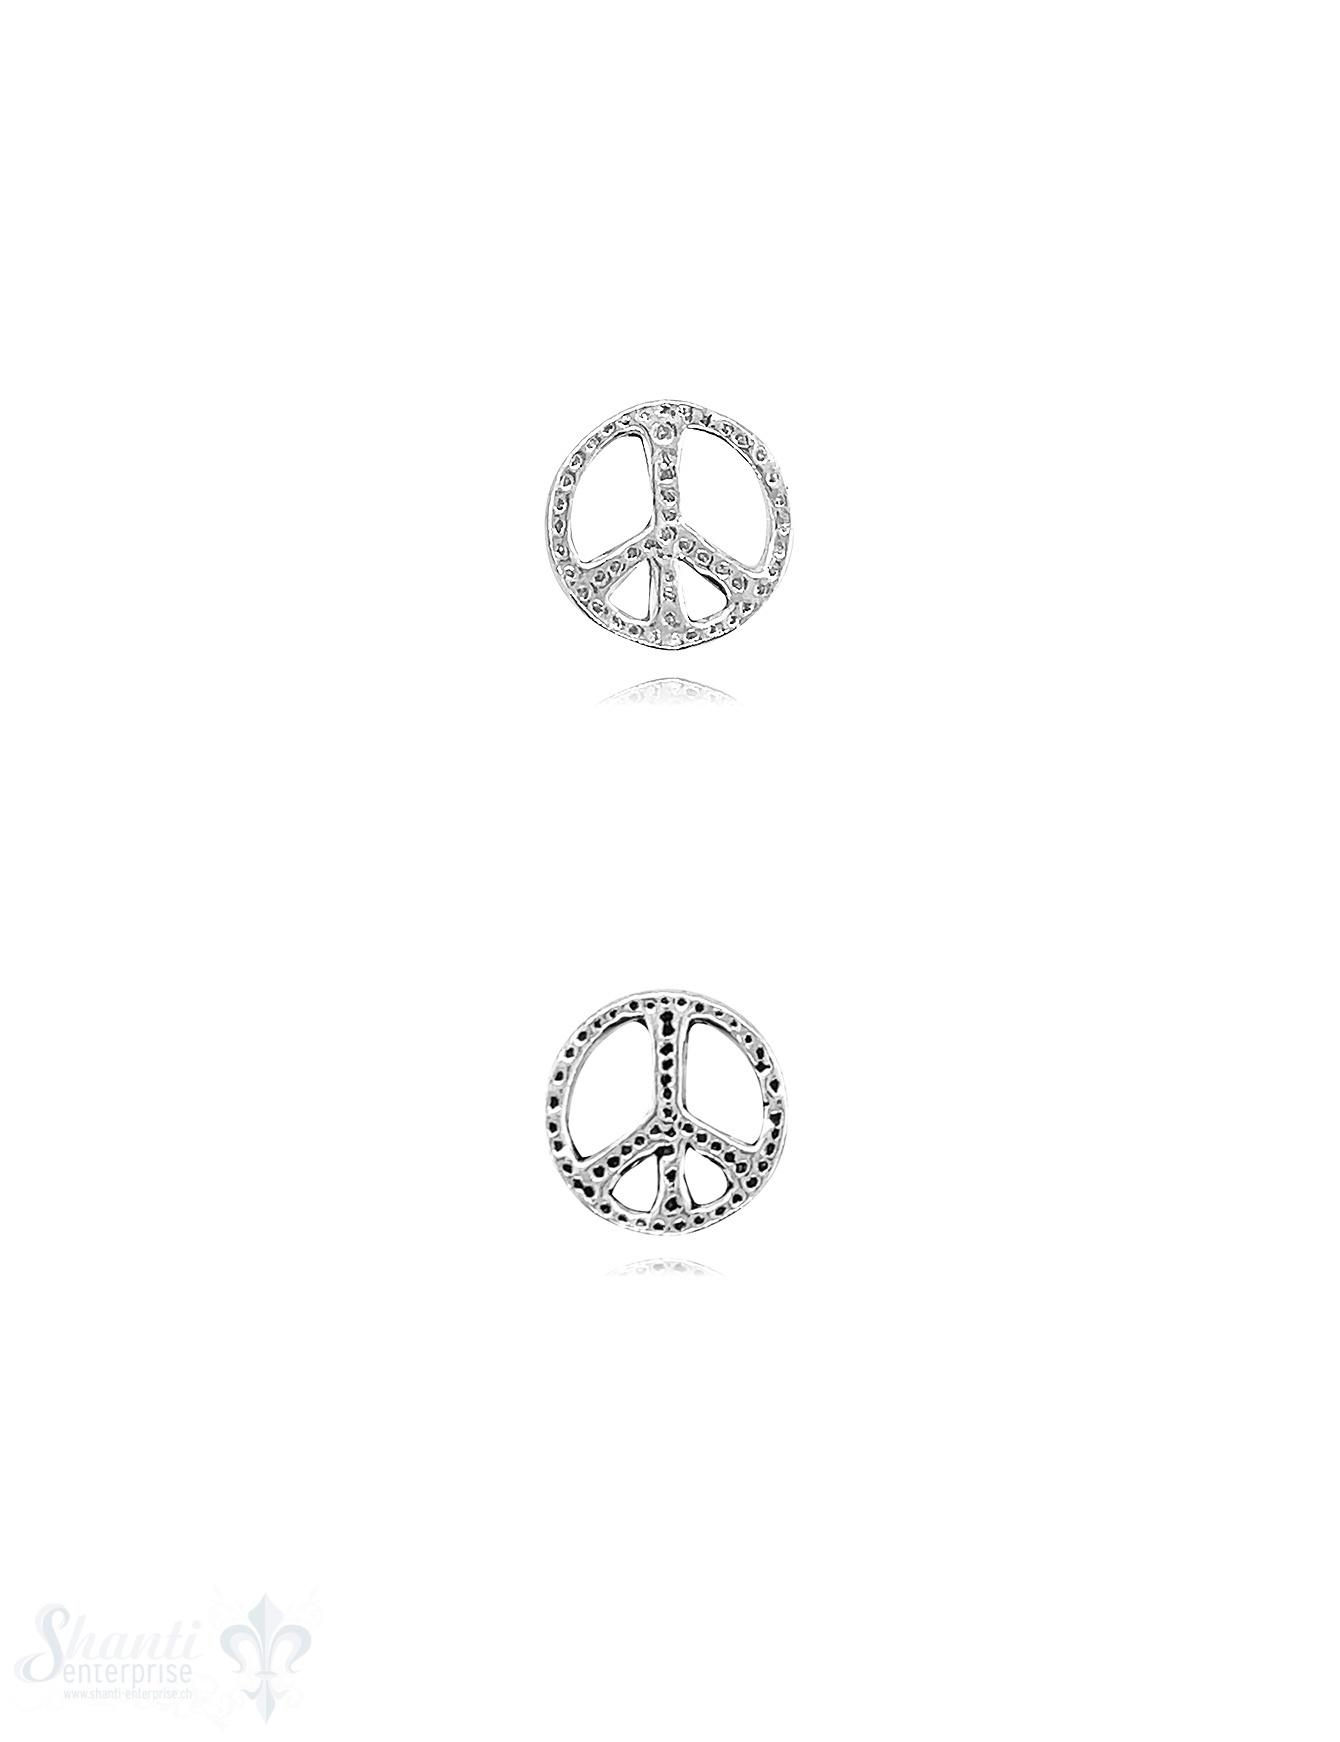 Peace Zeichen 12 mm Silber flach gepunktet durchbrochen 1,2 mm 1 Pack = 2 Stk.